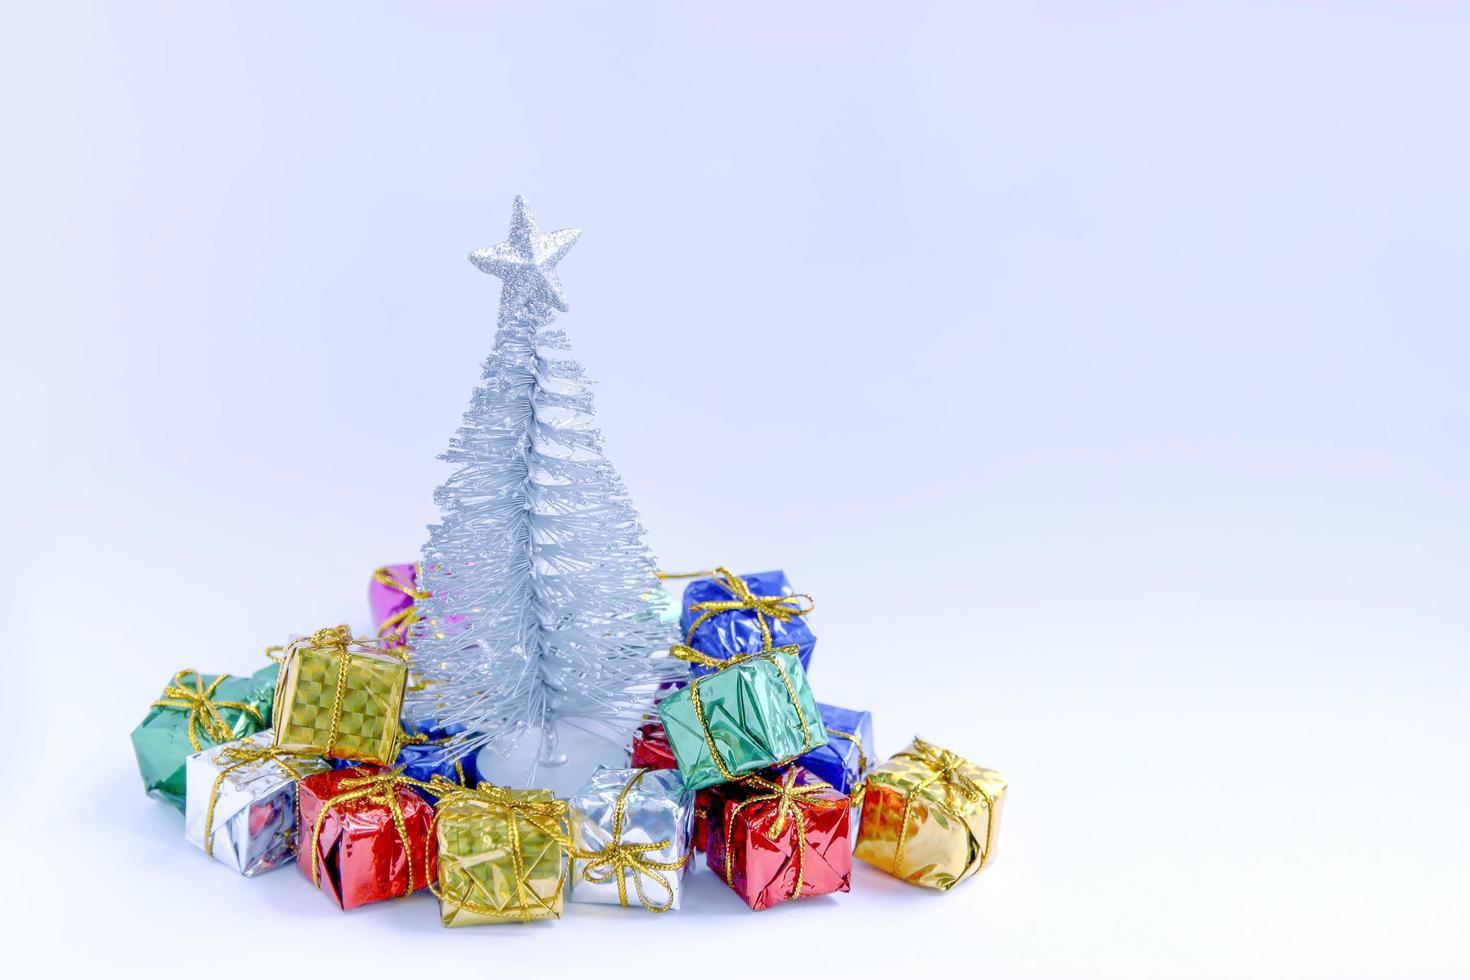 albero di natale con regali colorati foto